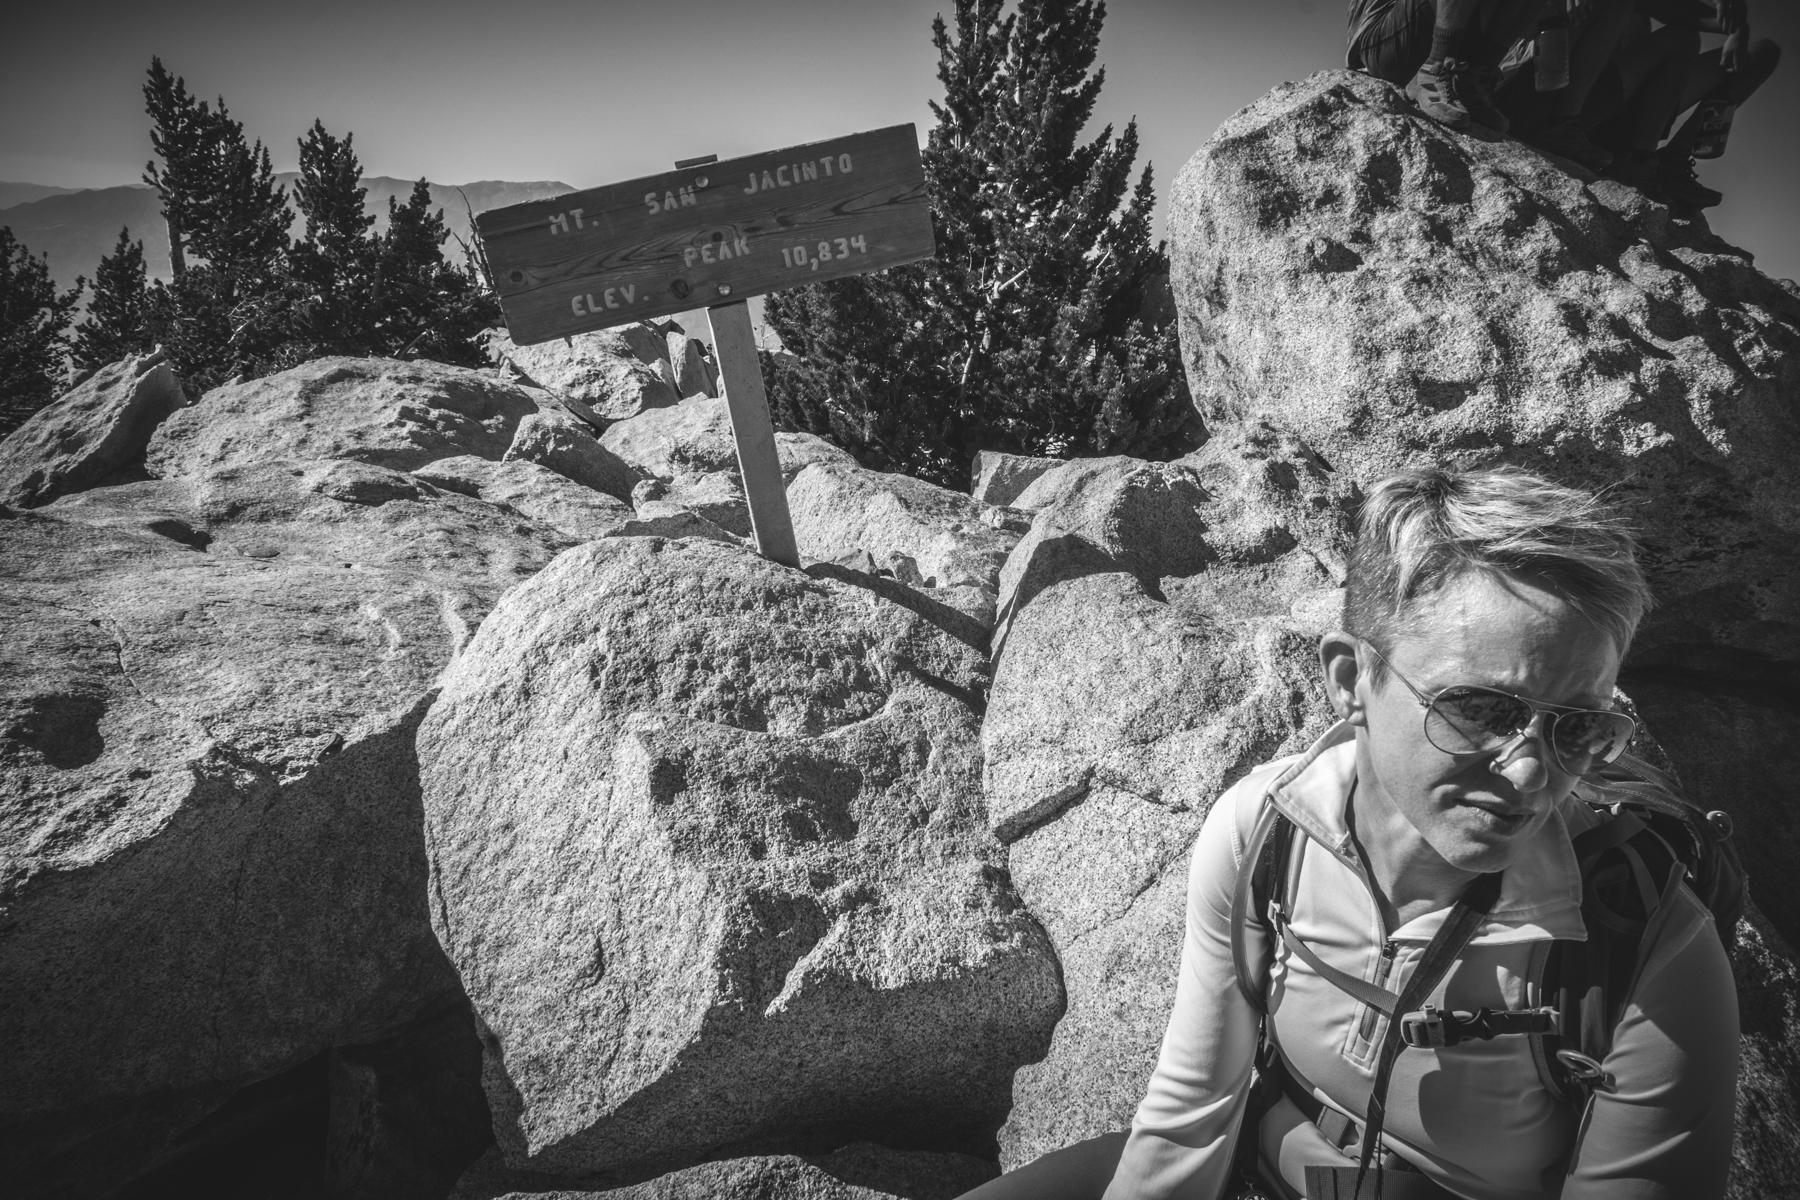 2017-07-02 San Jacinto Peak B (16 of 30).jpg